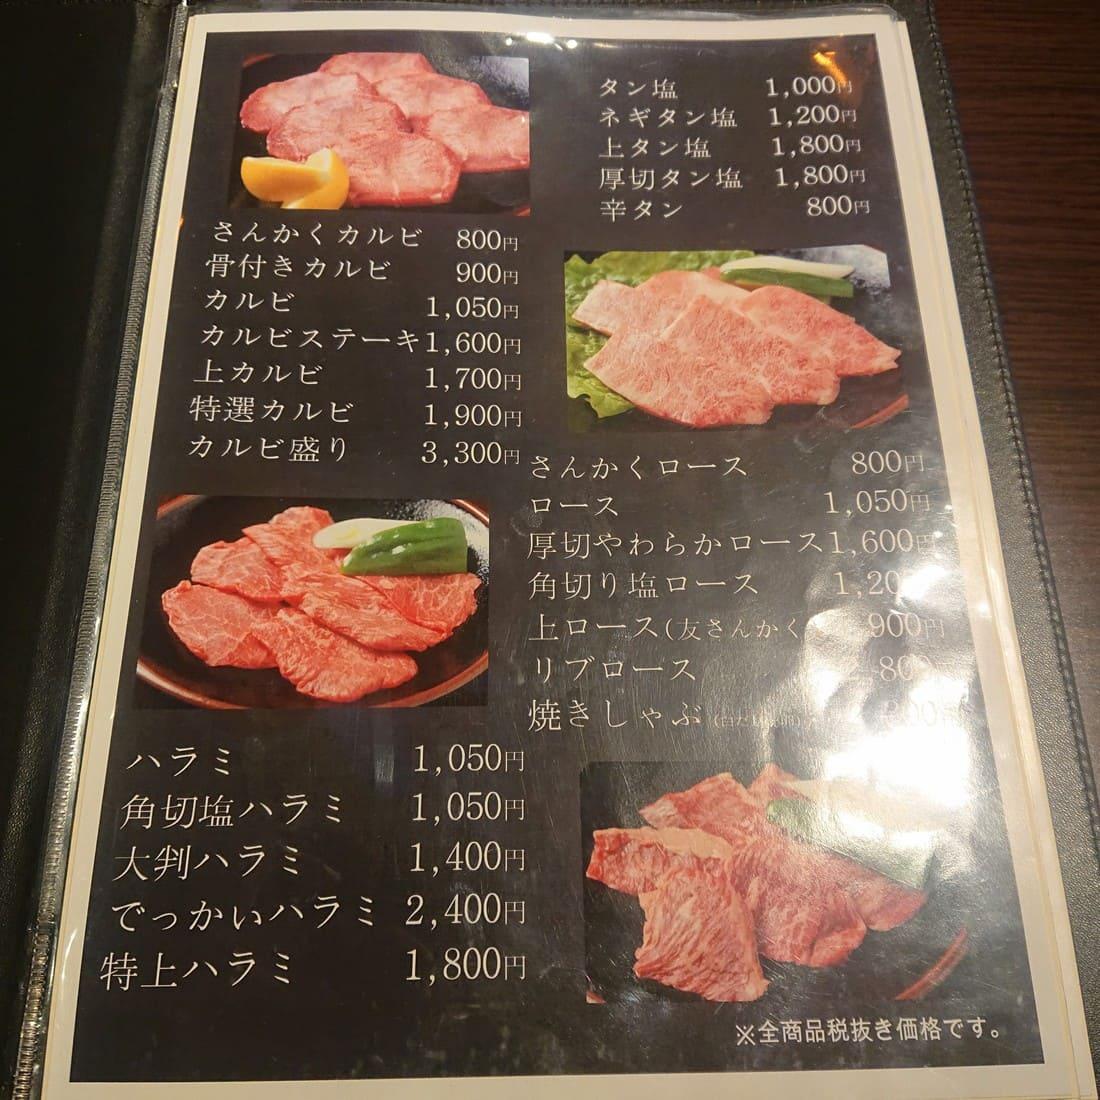 牛肉メニュー